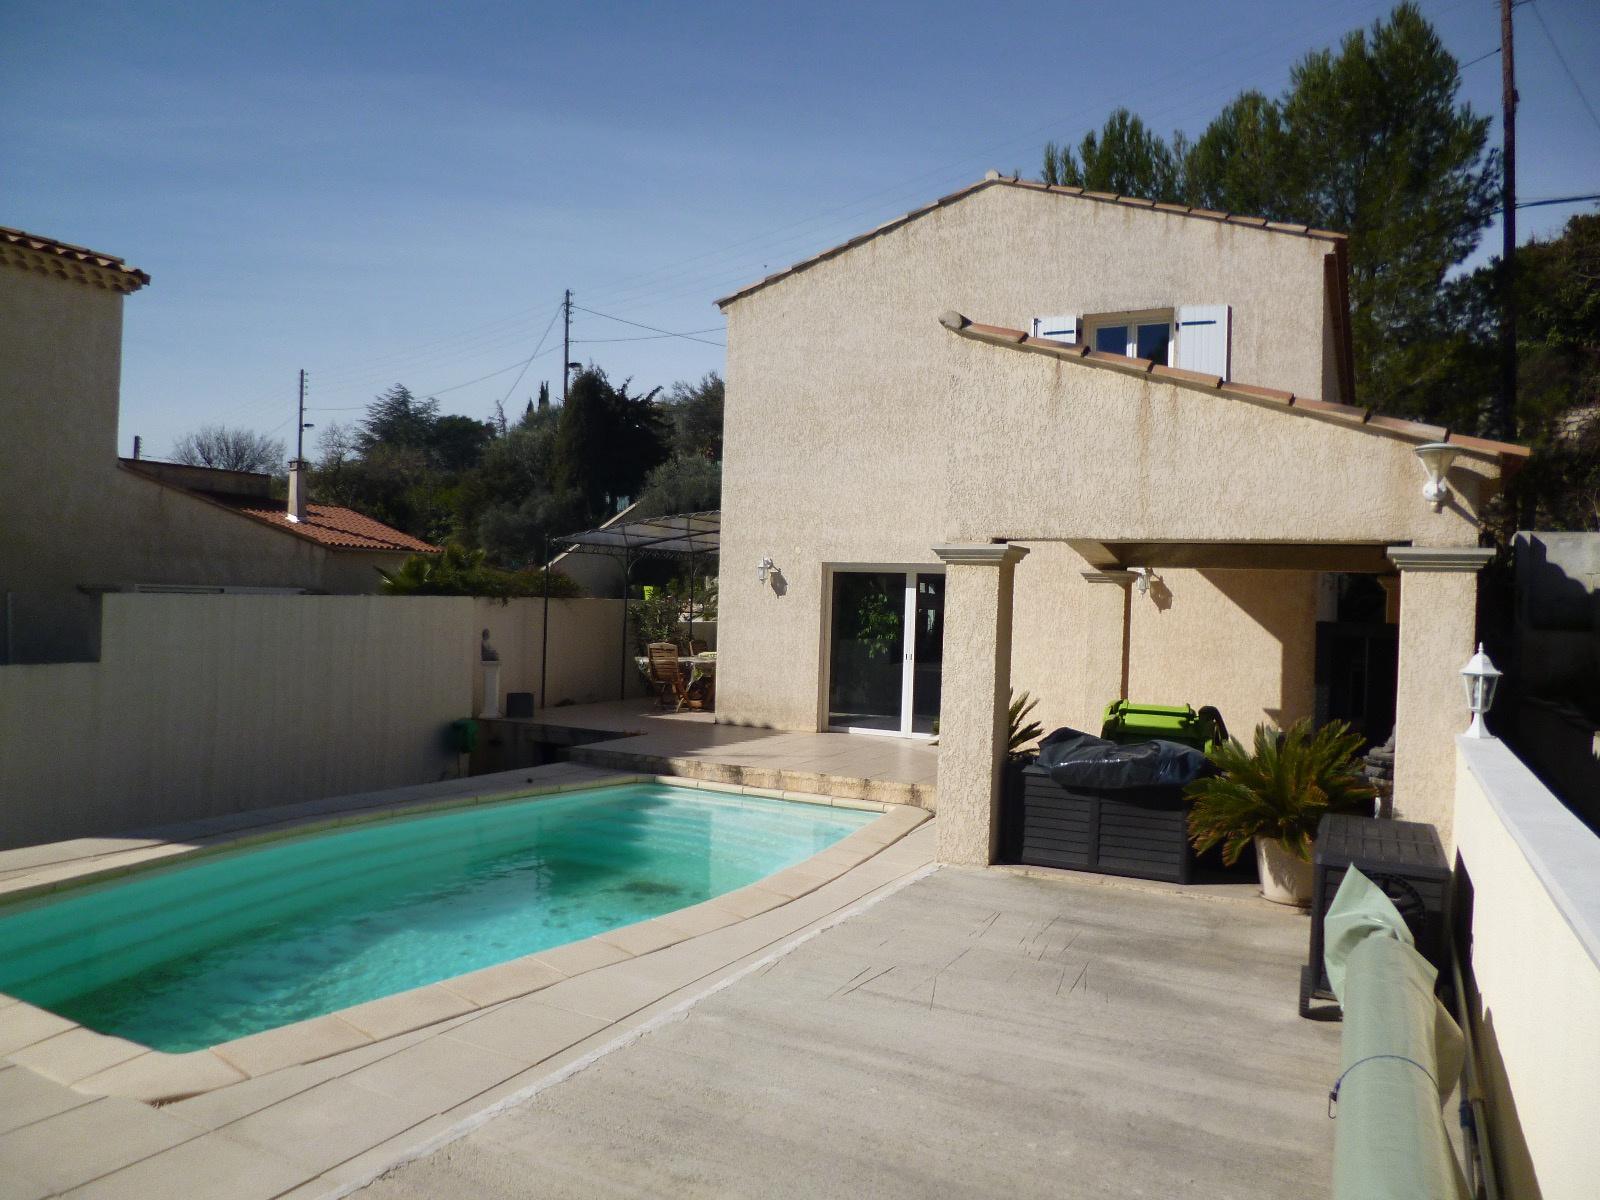 Vente maison marseille avec la maison de l 39 immobilier for Achat maison 13013